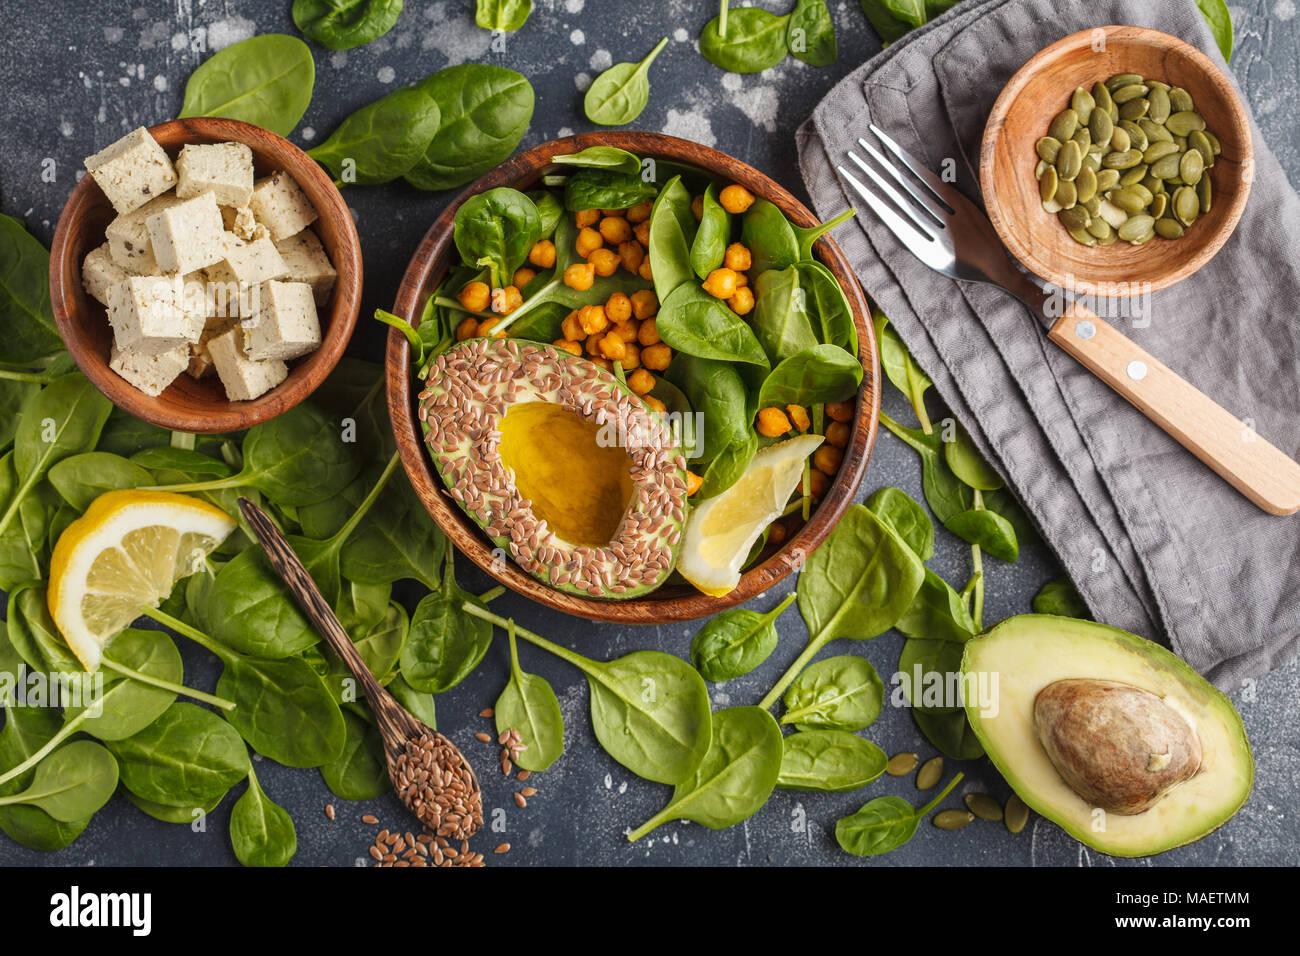 Gesunde vegetarische Salat mit Tofu, Kichererbsen, Avocado und Sonnenblumenkernen. Gesunde vegane Ernährung Konzept. Dunkler Hintergrund, Ansicht von oben, kopieren. Stockbild